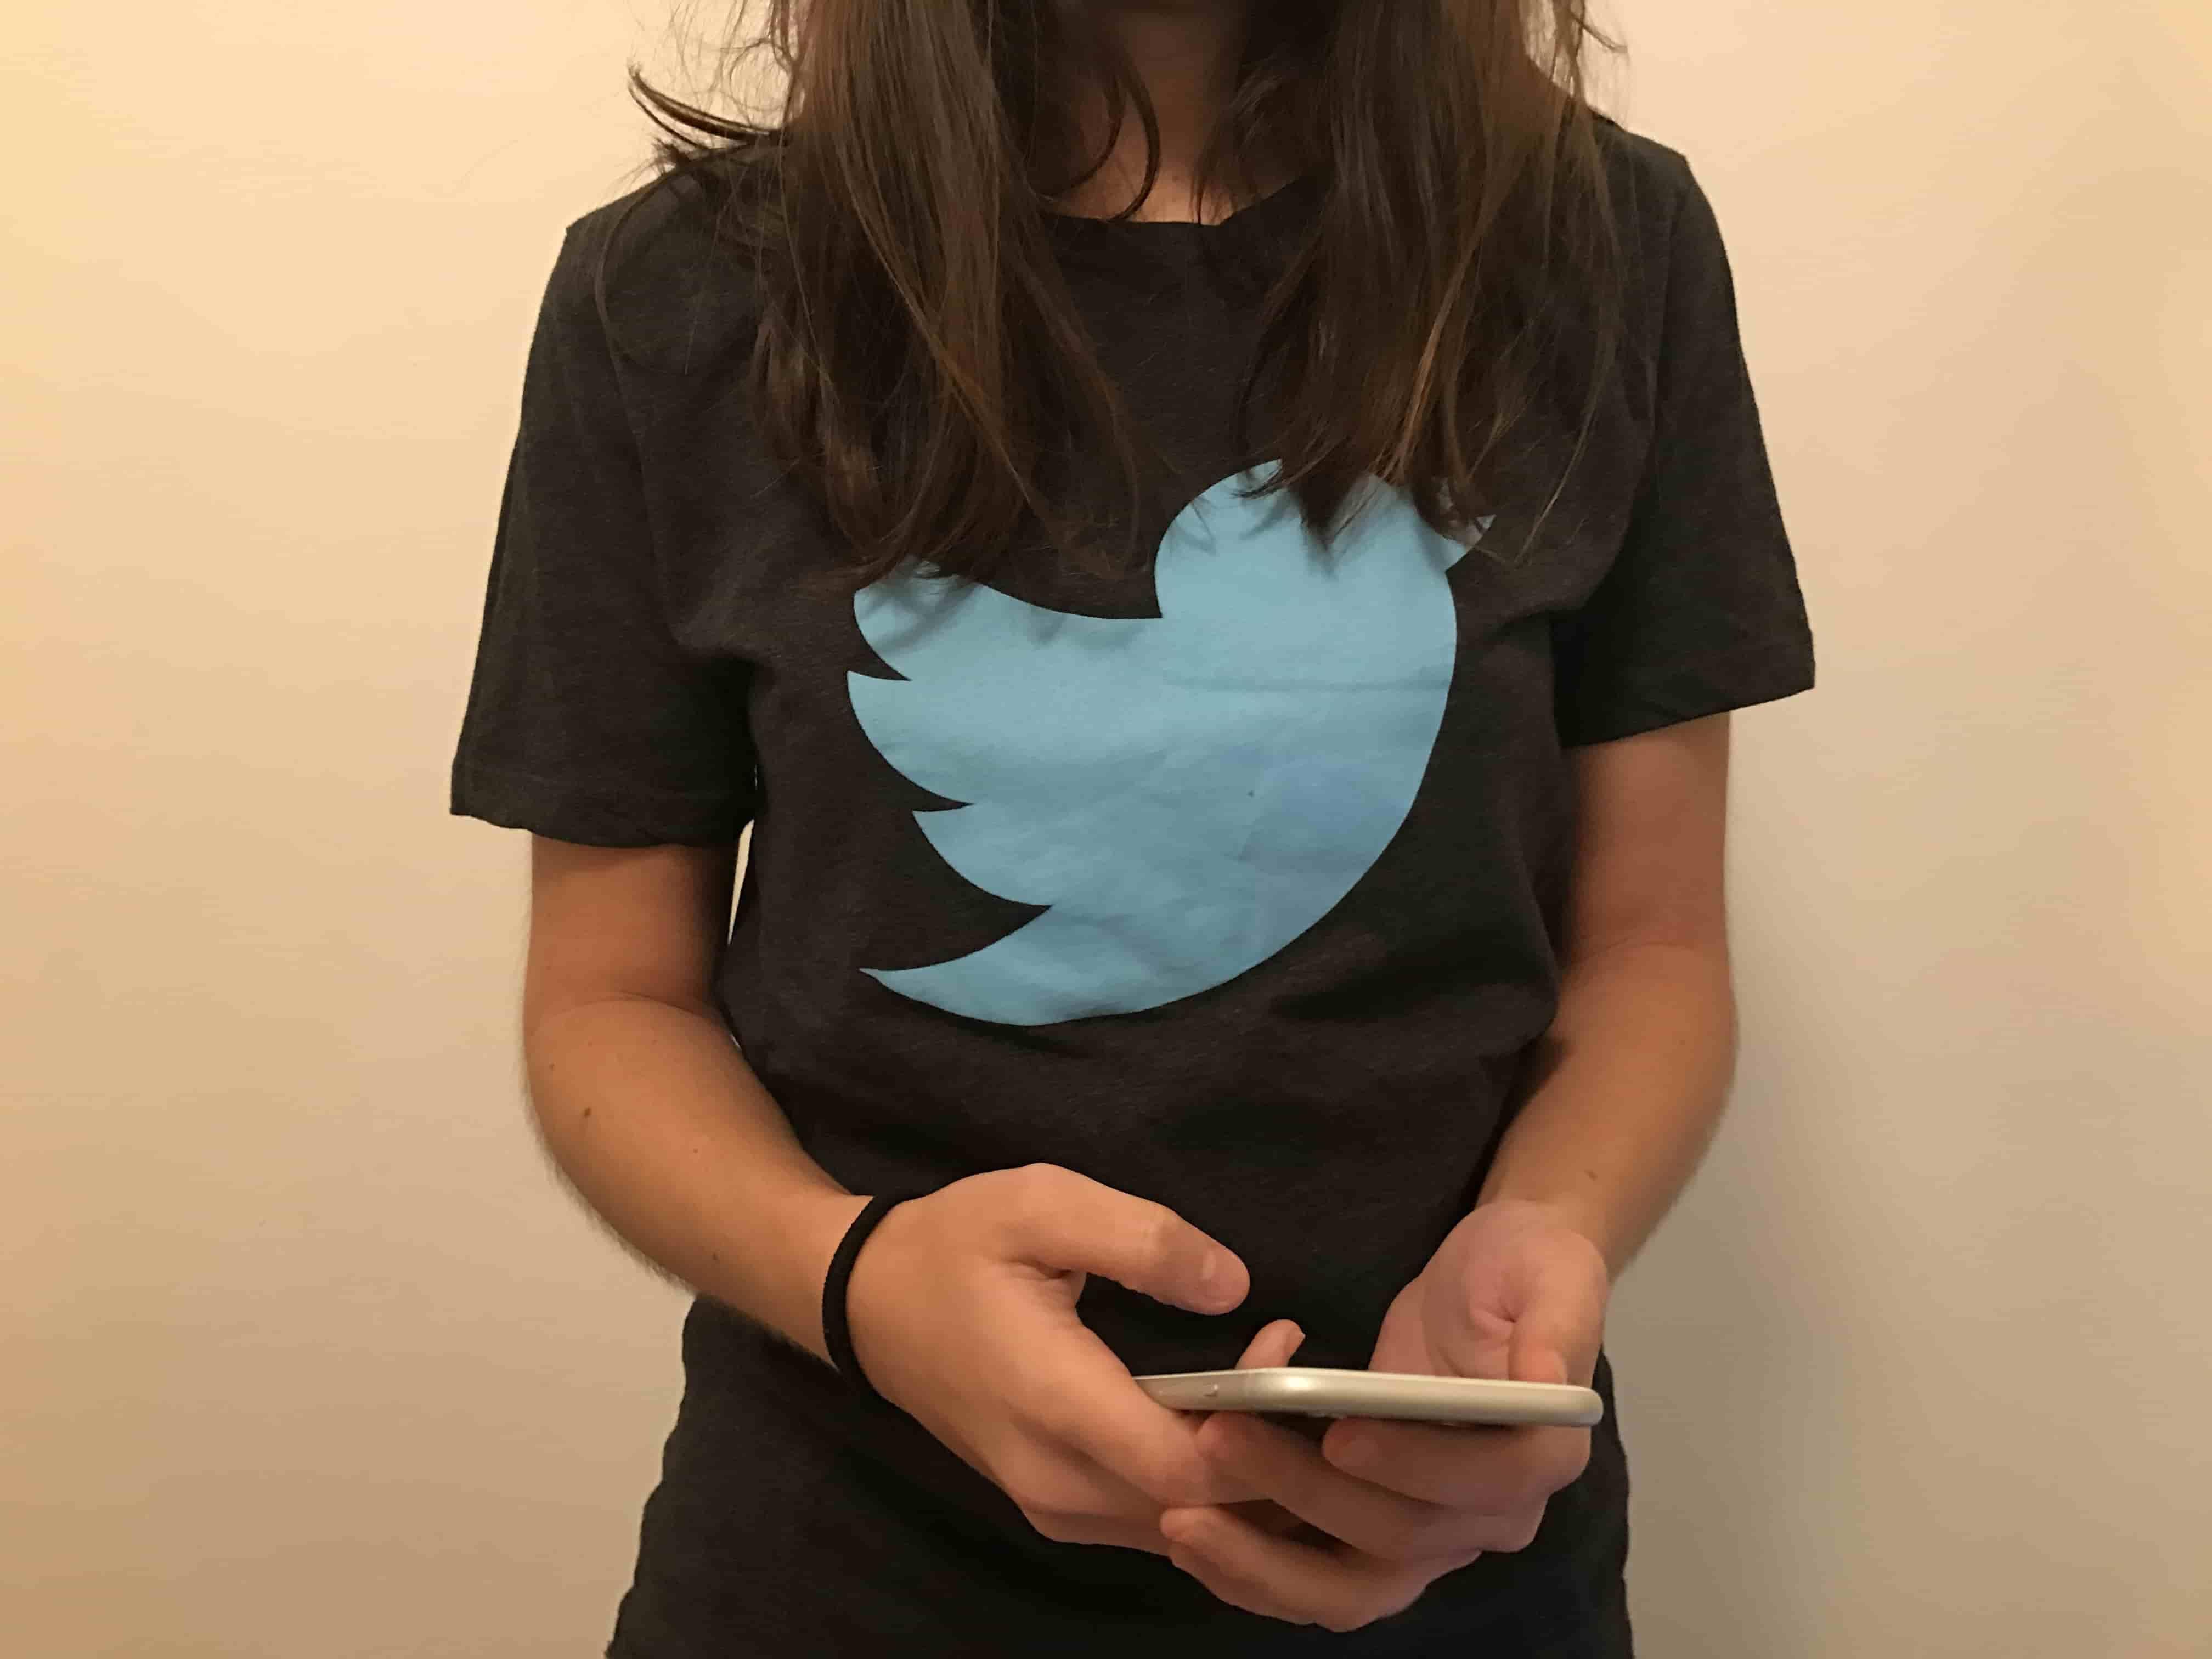 Editar los tweets puede cambiar la forma de entender y usar Twitter y la gestión de redes sociales.